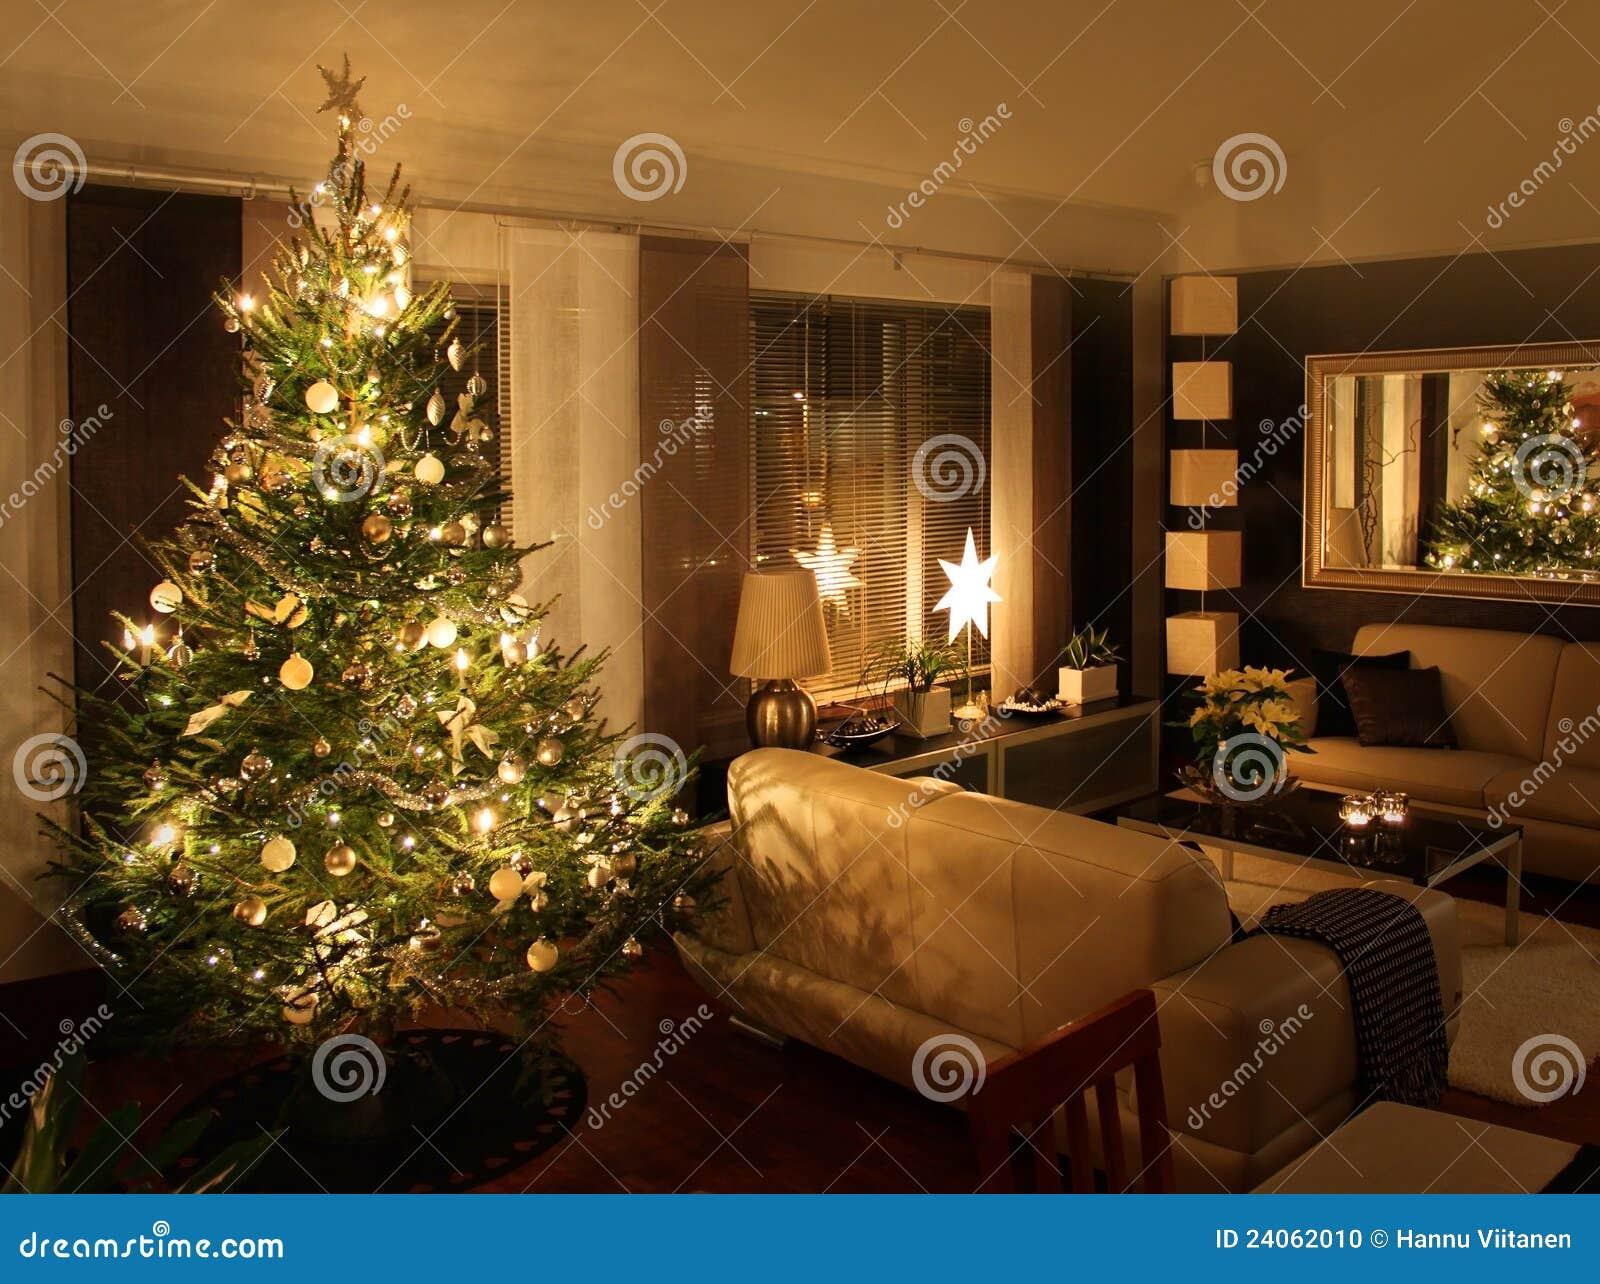 Kerstboom in moderne woonkamer stock foto afbeelding 24062010 - Moderne woonkamer fotos ...